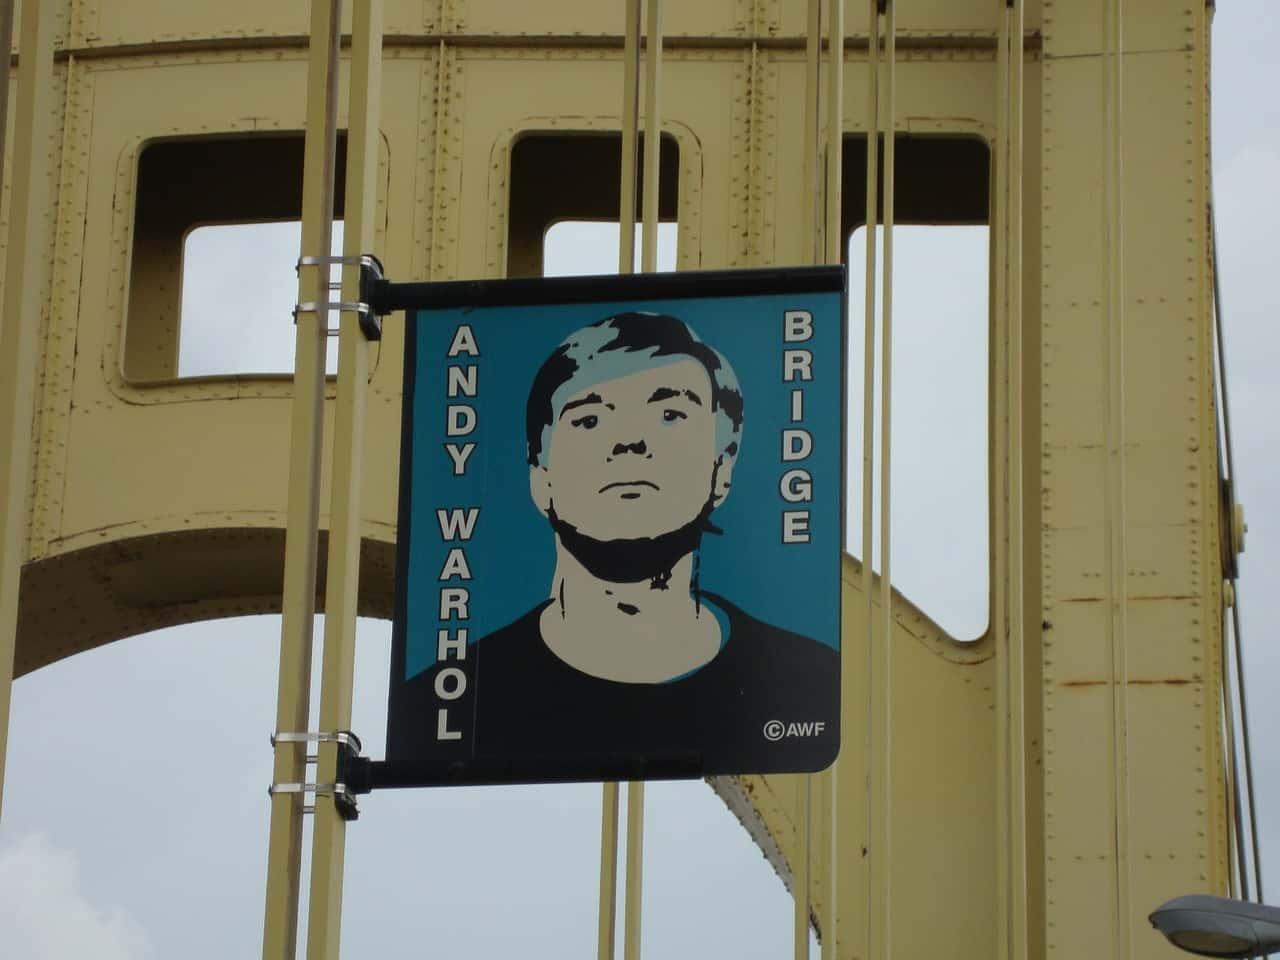 andy warhol bridge 2 - Andy Warhol: trovate 12 opere inedite su floppy disc del maestro della pop art